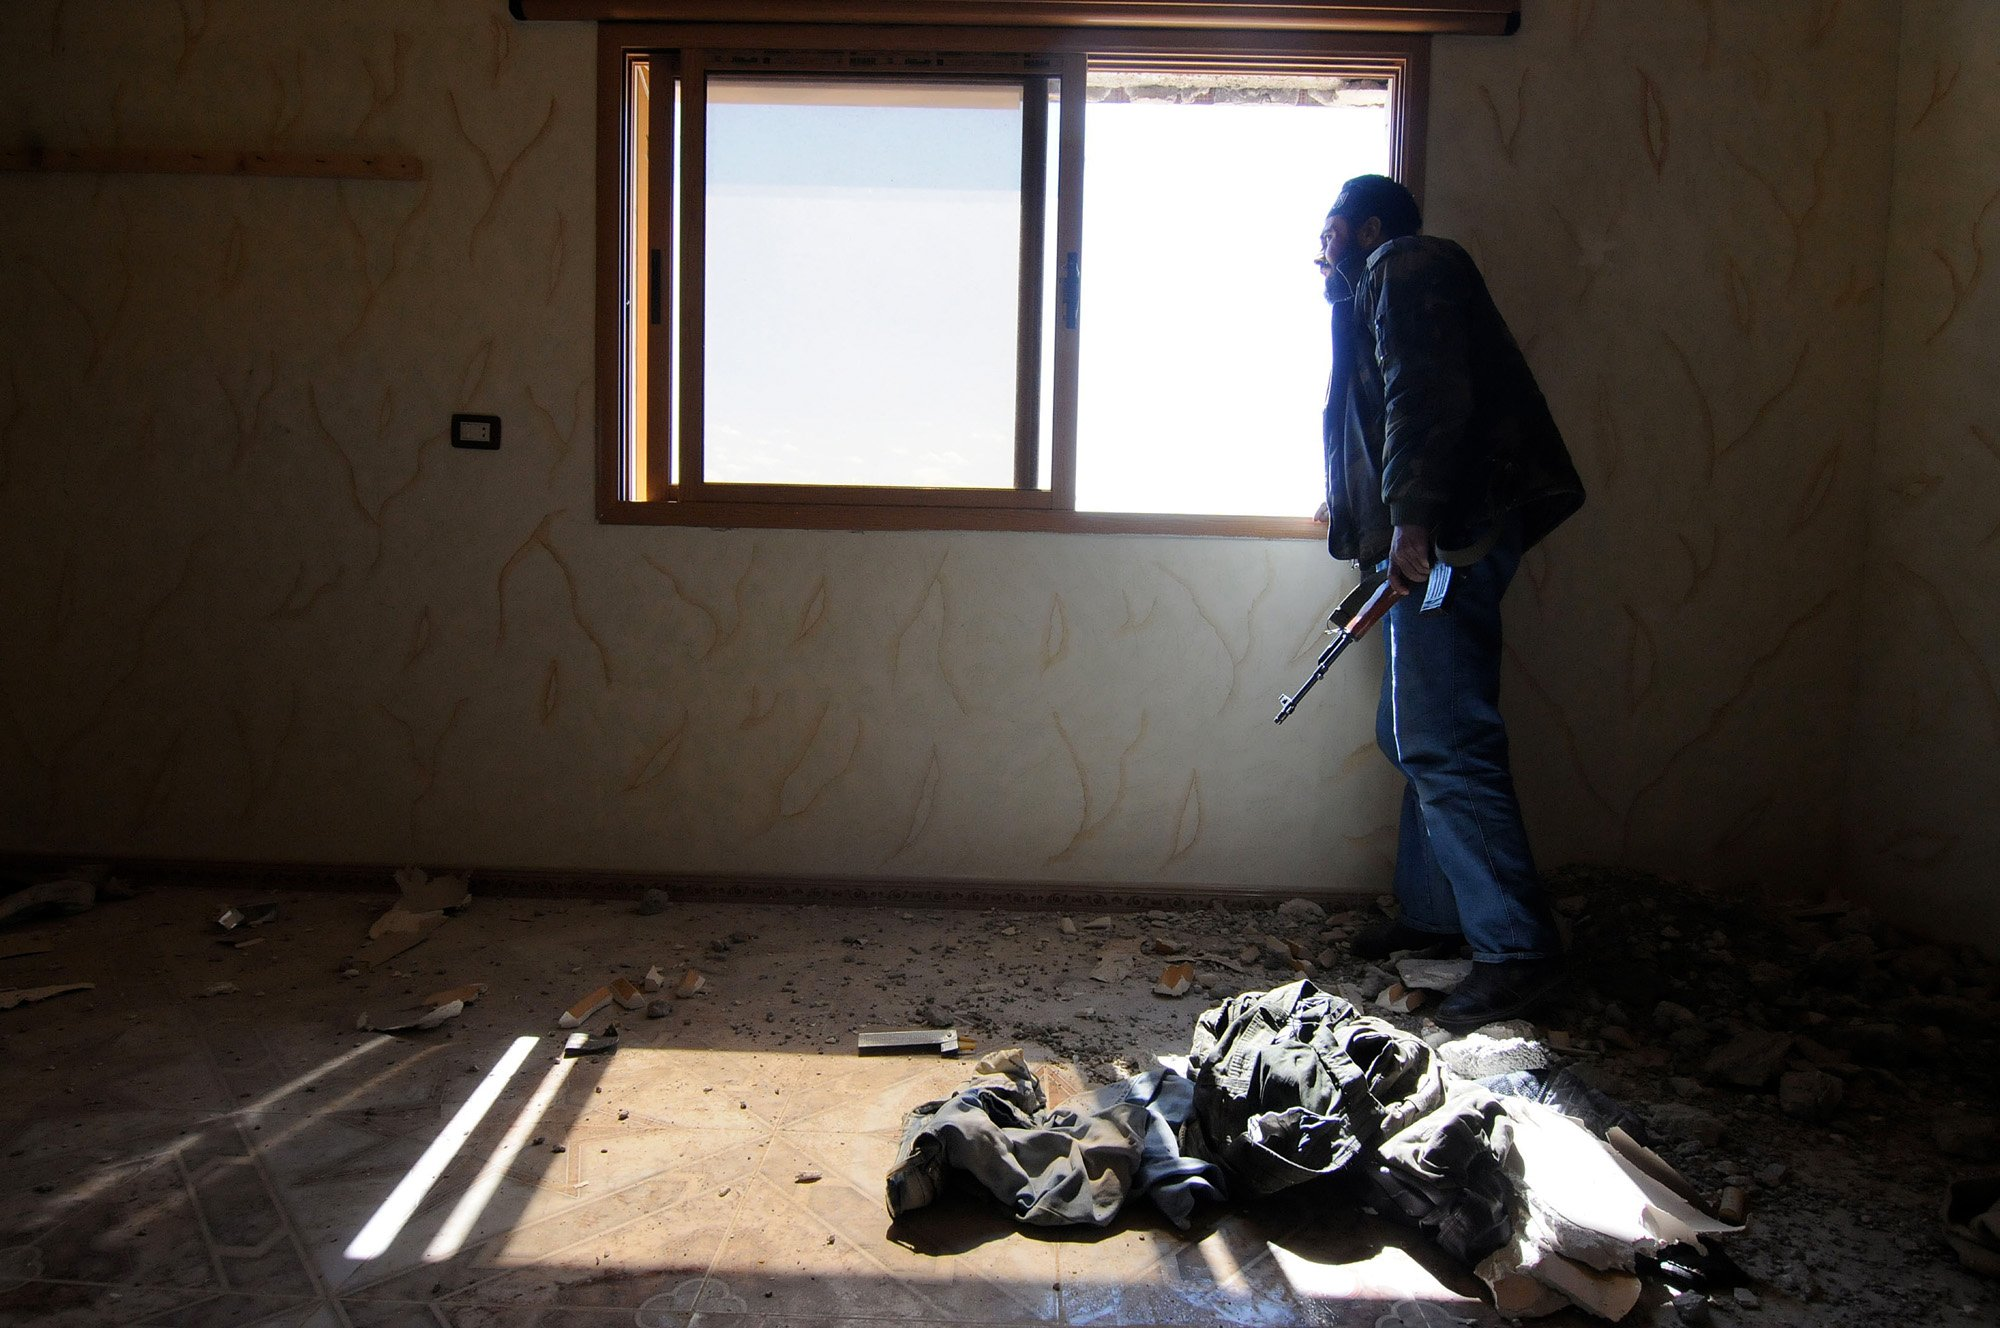 Un combatiente del FSA está al acecho desde el interior de una posición defensiva después de que las fuerzas gubernamentales acabaran de bombardear el área con tanques a 80 km al norte de Damasco - Siria, 25 de abril de 2013, por Jonathan Alpeyrie